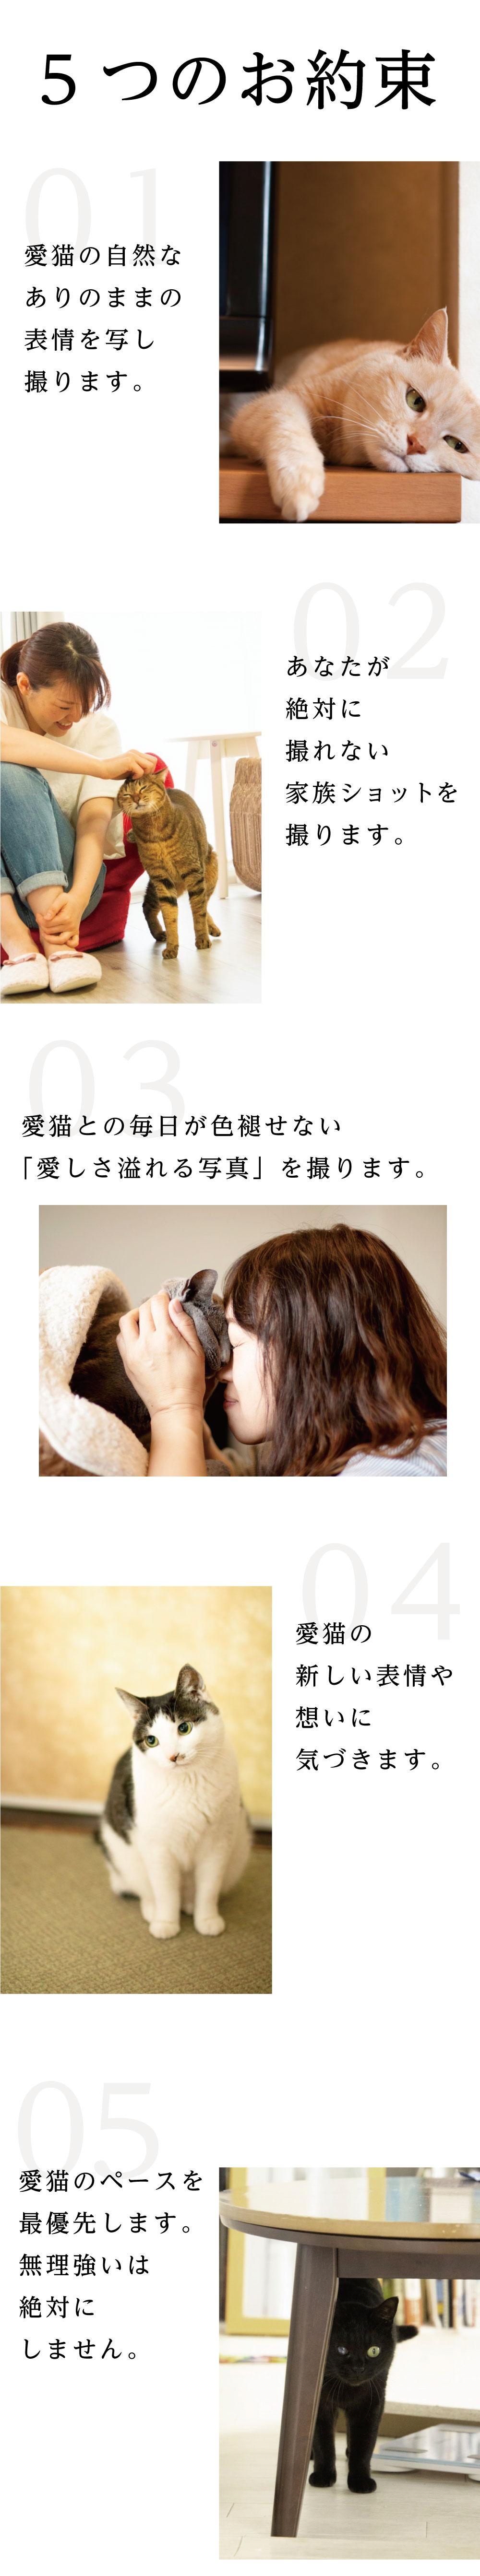 5つのお約束 01:愛猫の自然なありのままの表情を写し取ります 02:あなたが絶対に撮れない家族ショットを撮ります 03:愛猫との毎日が色褪せない『愛しさ溢れる写真』を撮ります 04:愛猫の新しい表情や想いに気づきます 05:愛猫のペースを最優先します。無理強いは絶対にしません